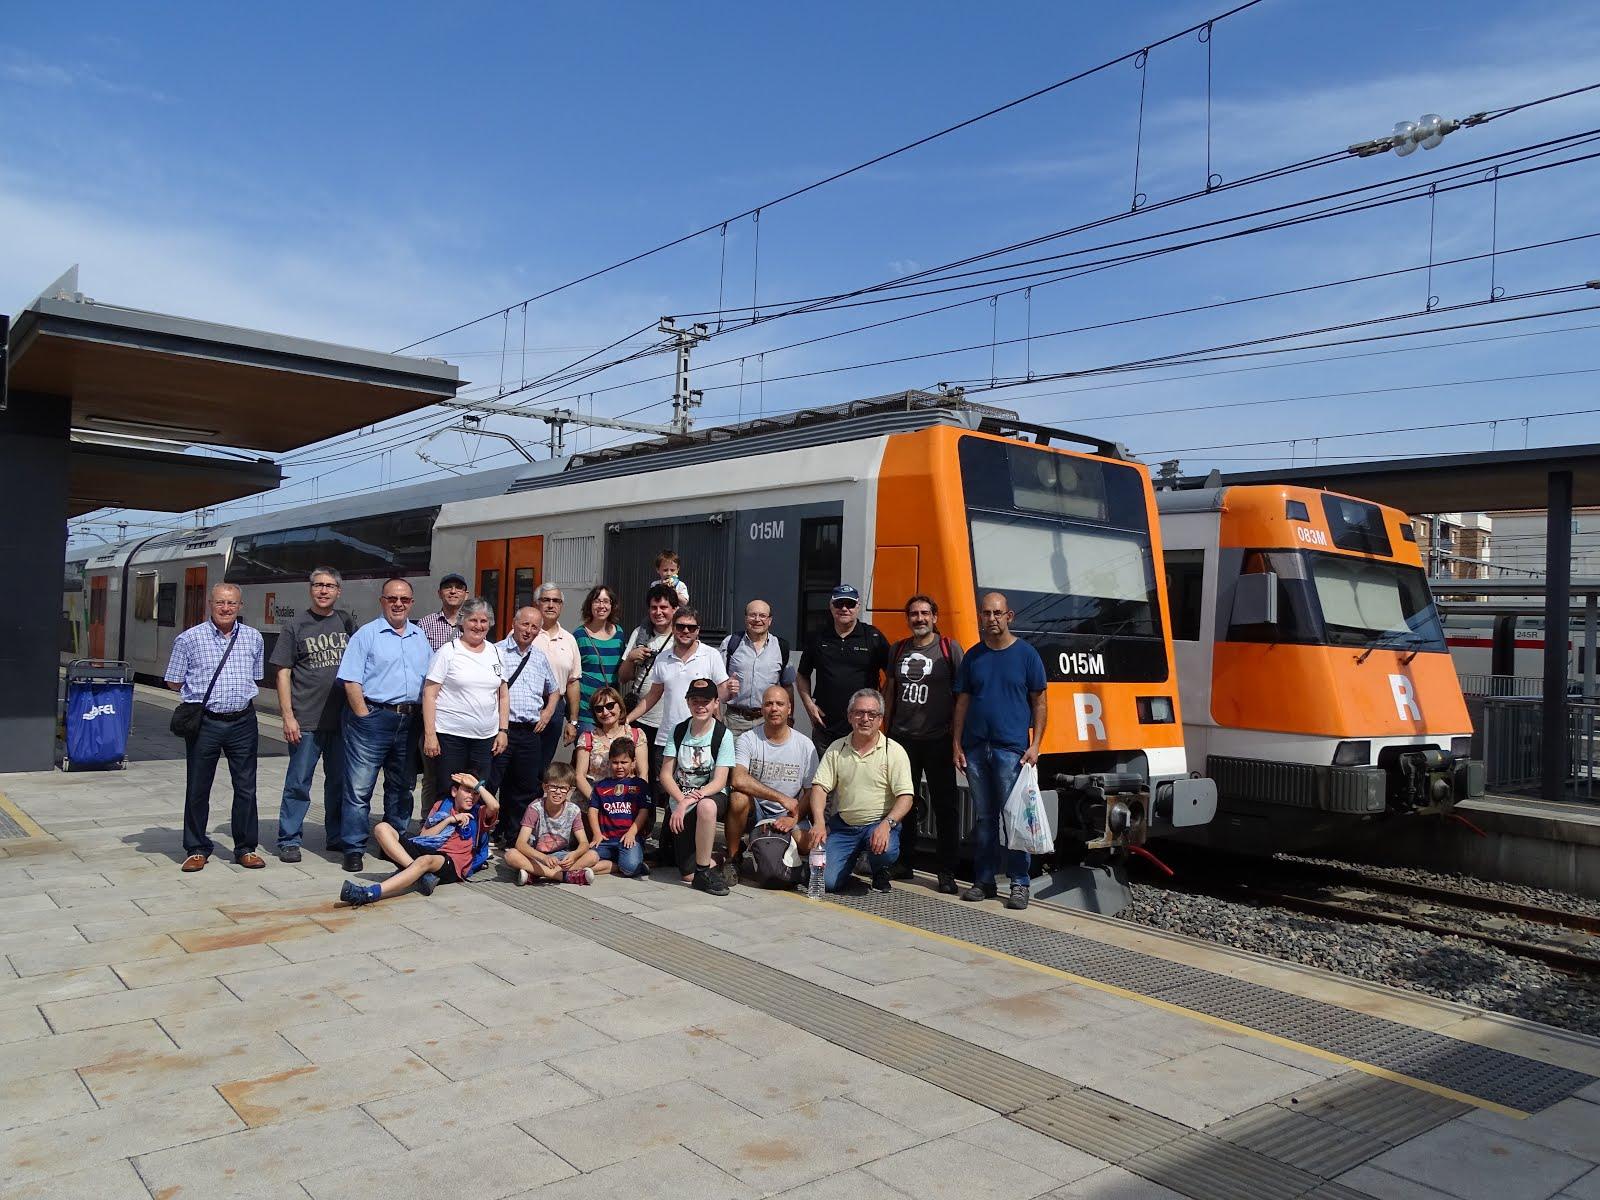 Visita al Barri Ferroviari de Sant Vicenç de Calders